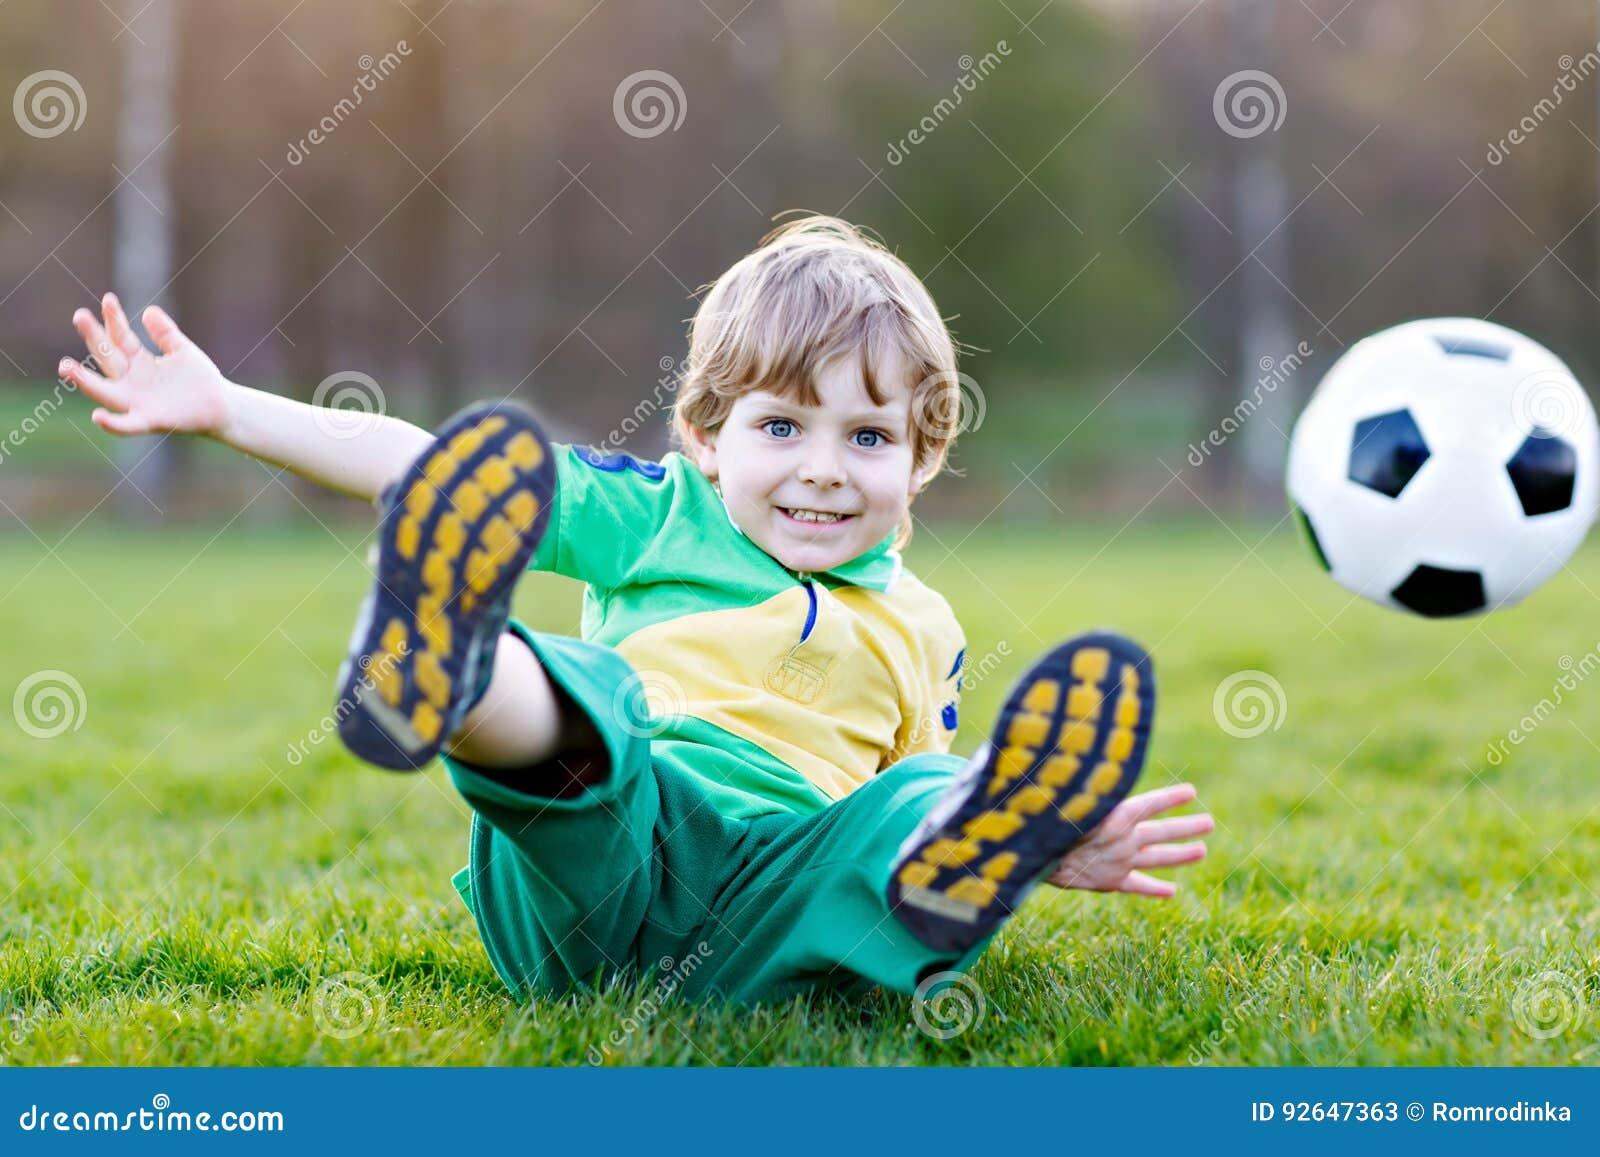 Kleiner netter Kinderjunge spielenden Fußballs 4 mit Fußball auf Feld, draußen